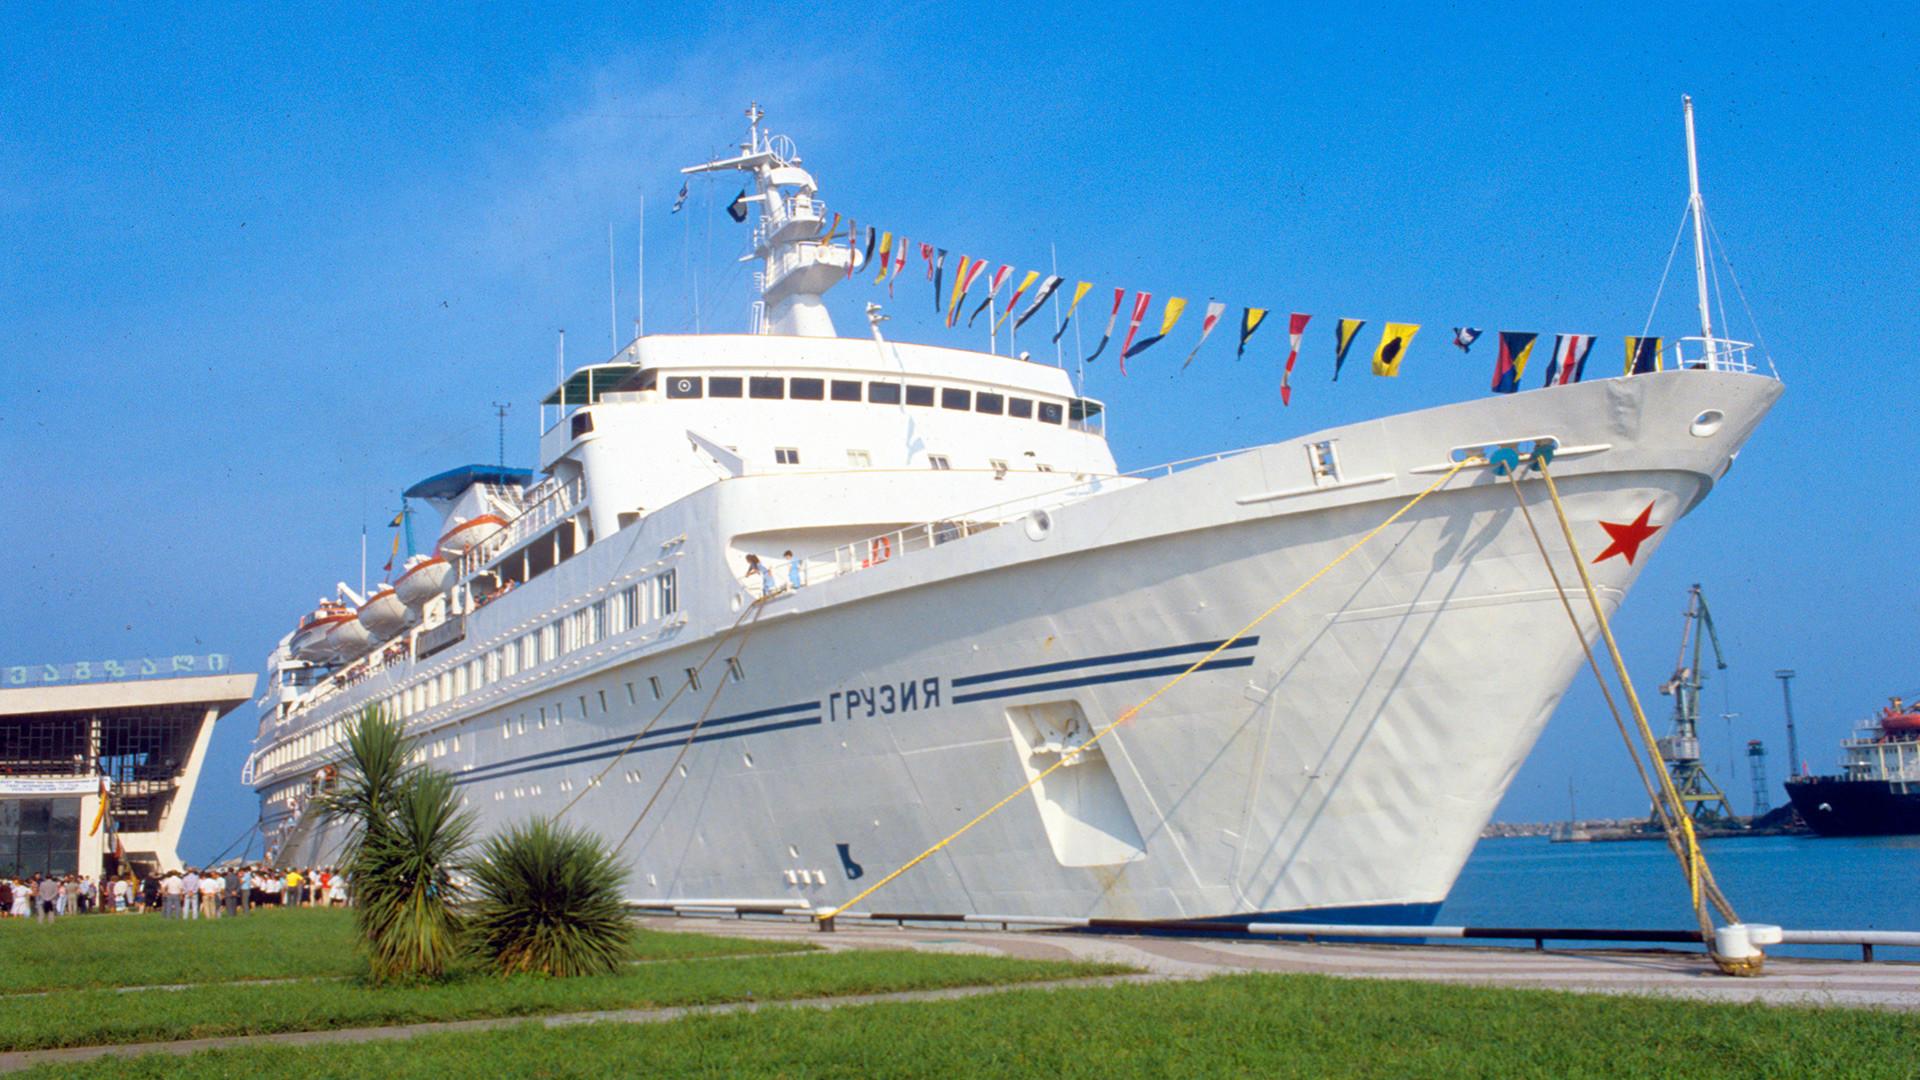 船舶「グルジア号」